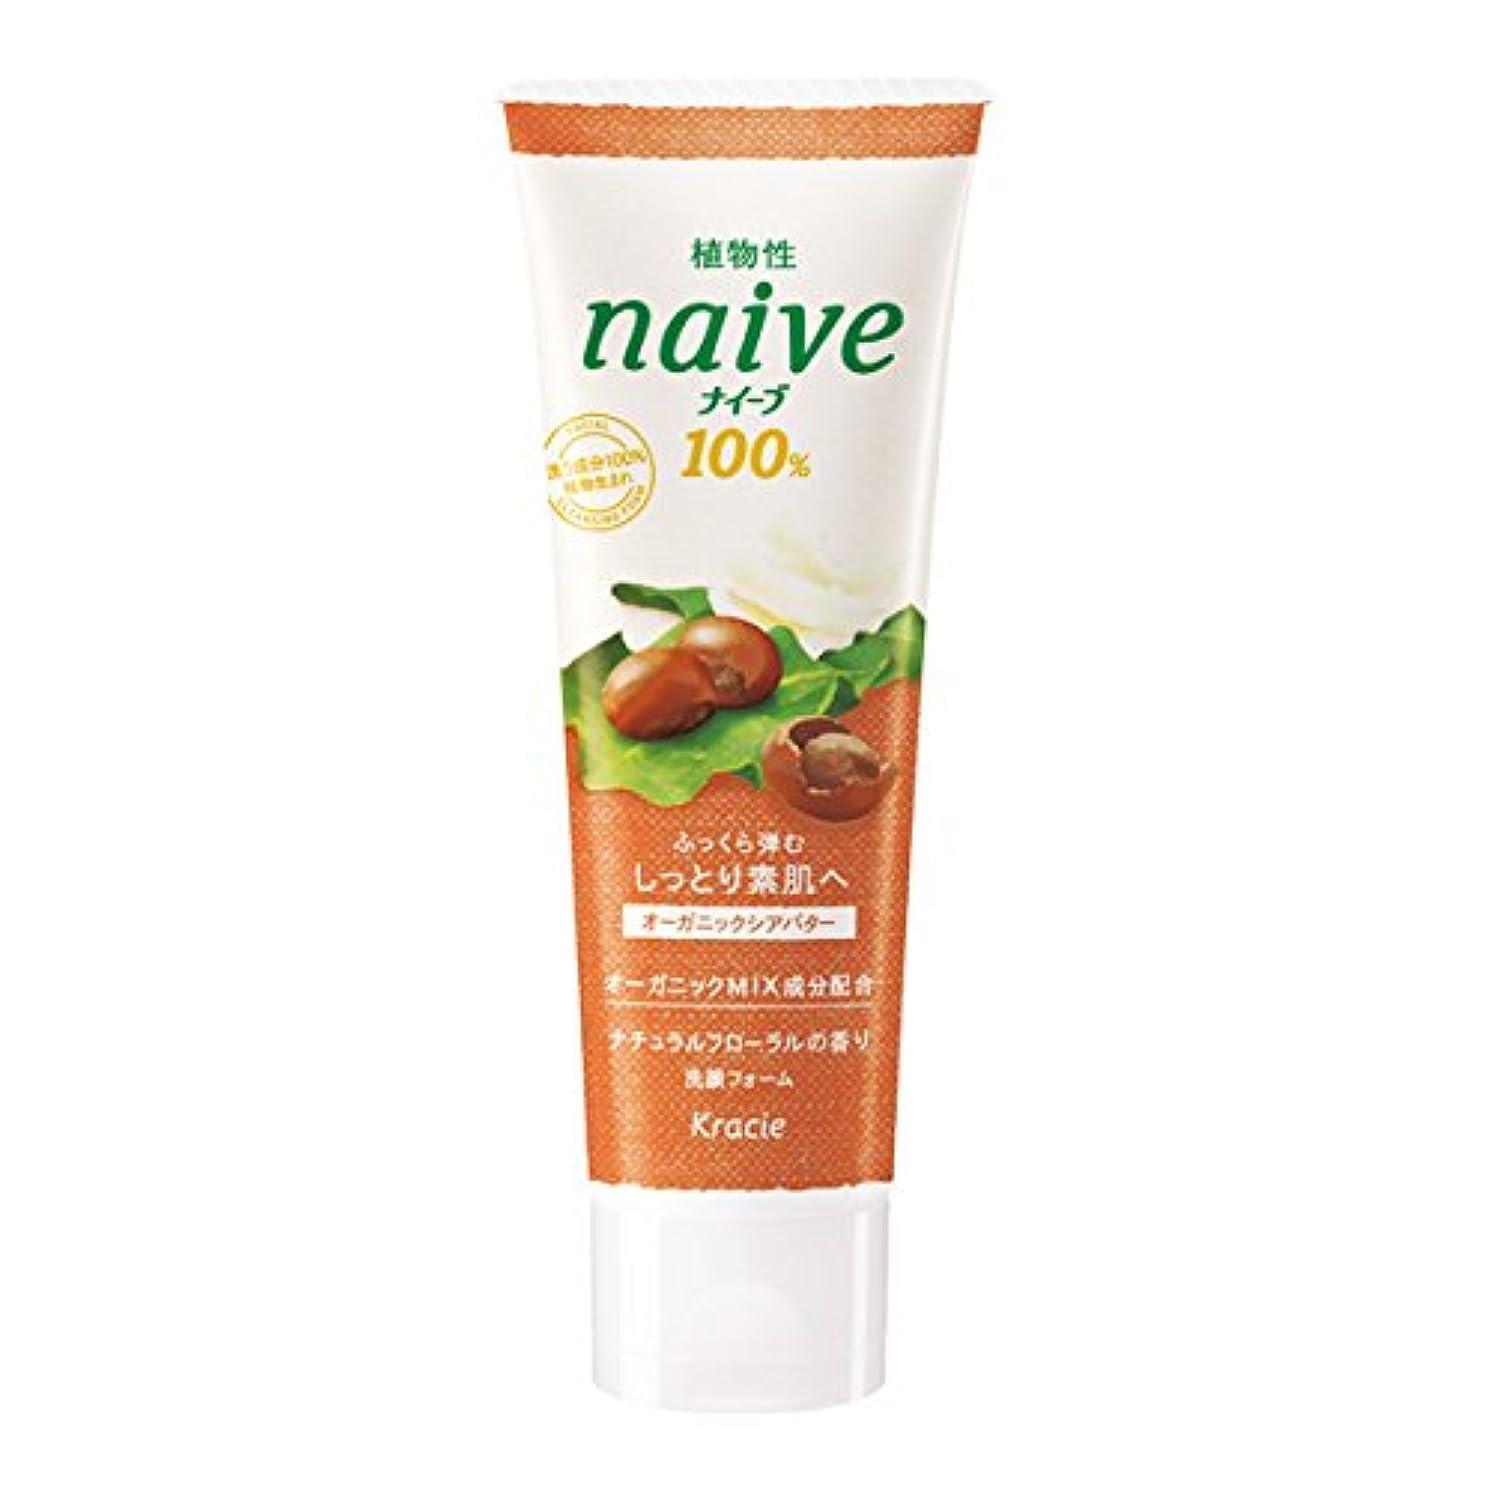 眠り遊具リブナイーブ 洗顔フォーム シアバター配合 ナチュラルフローラルの香り 110g